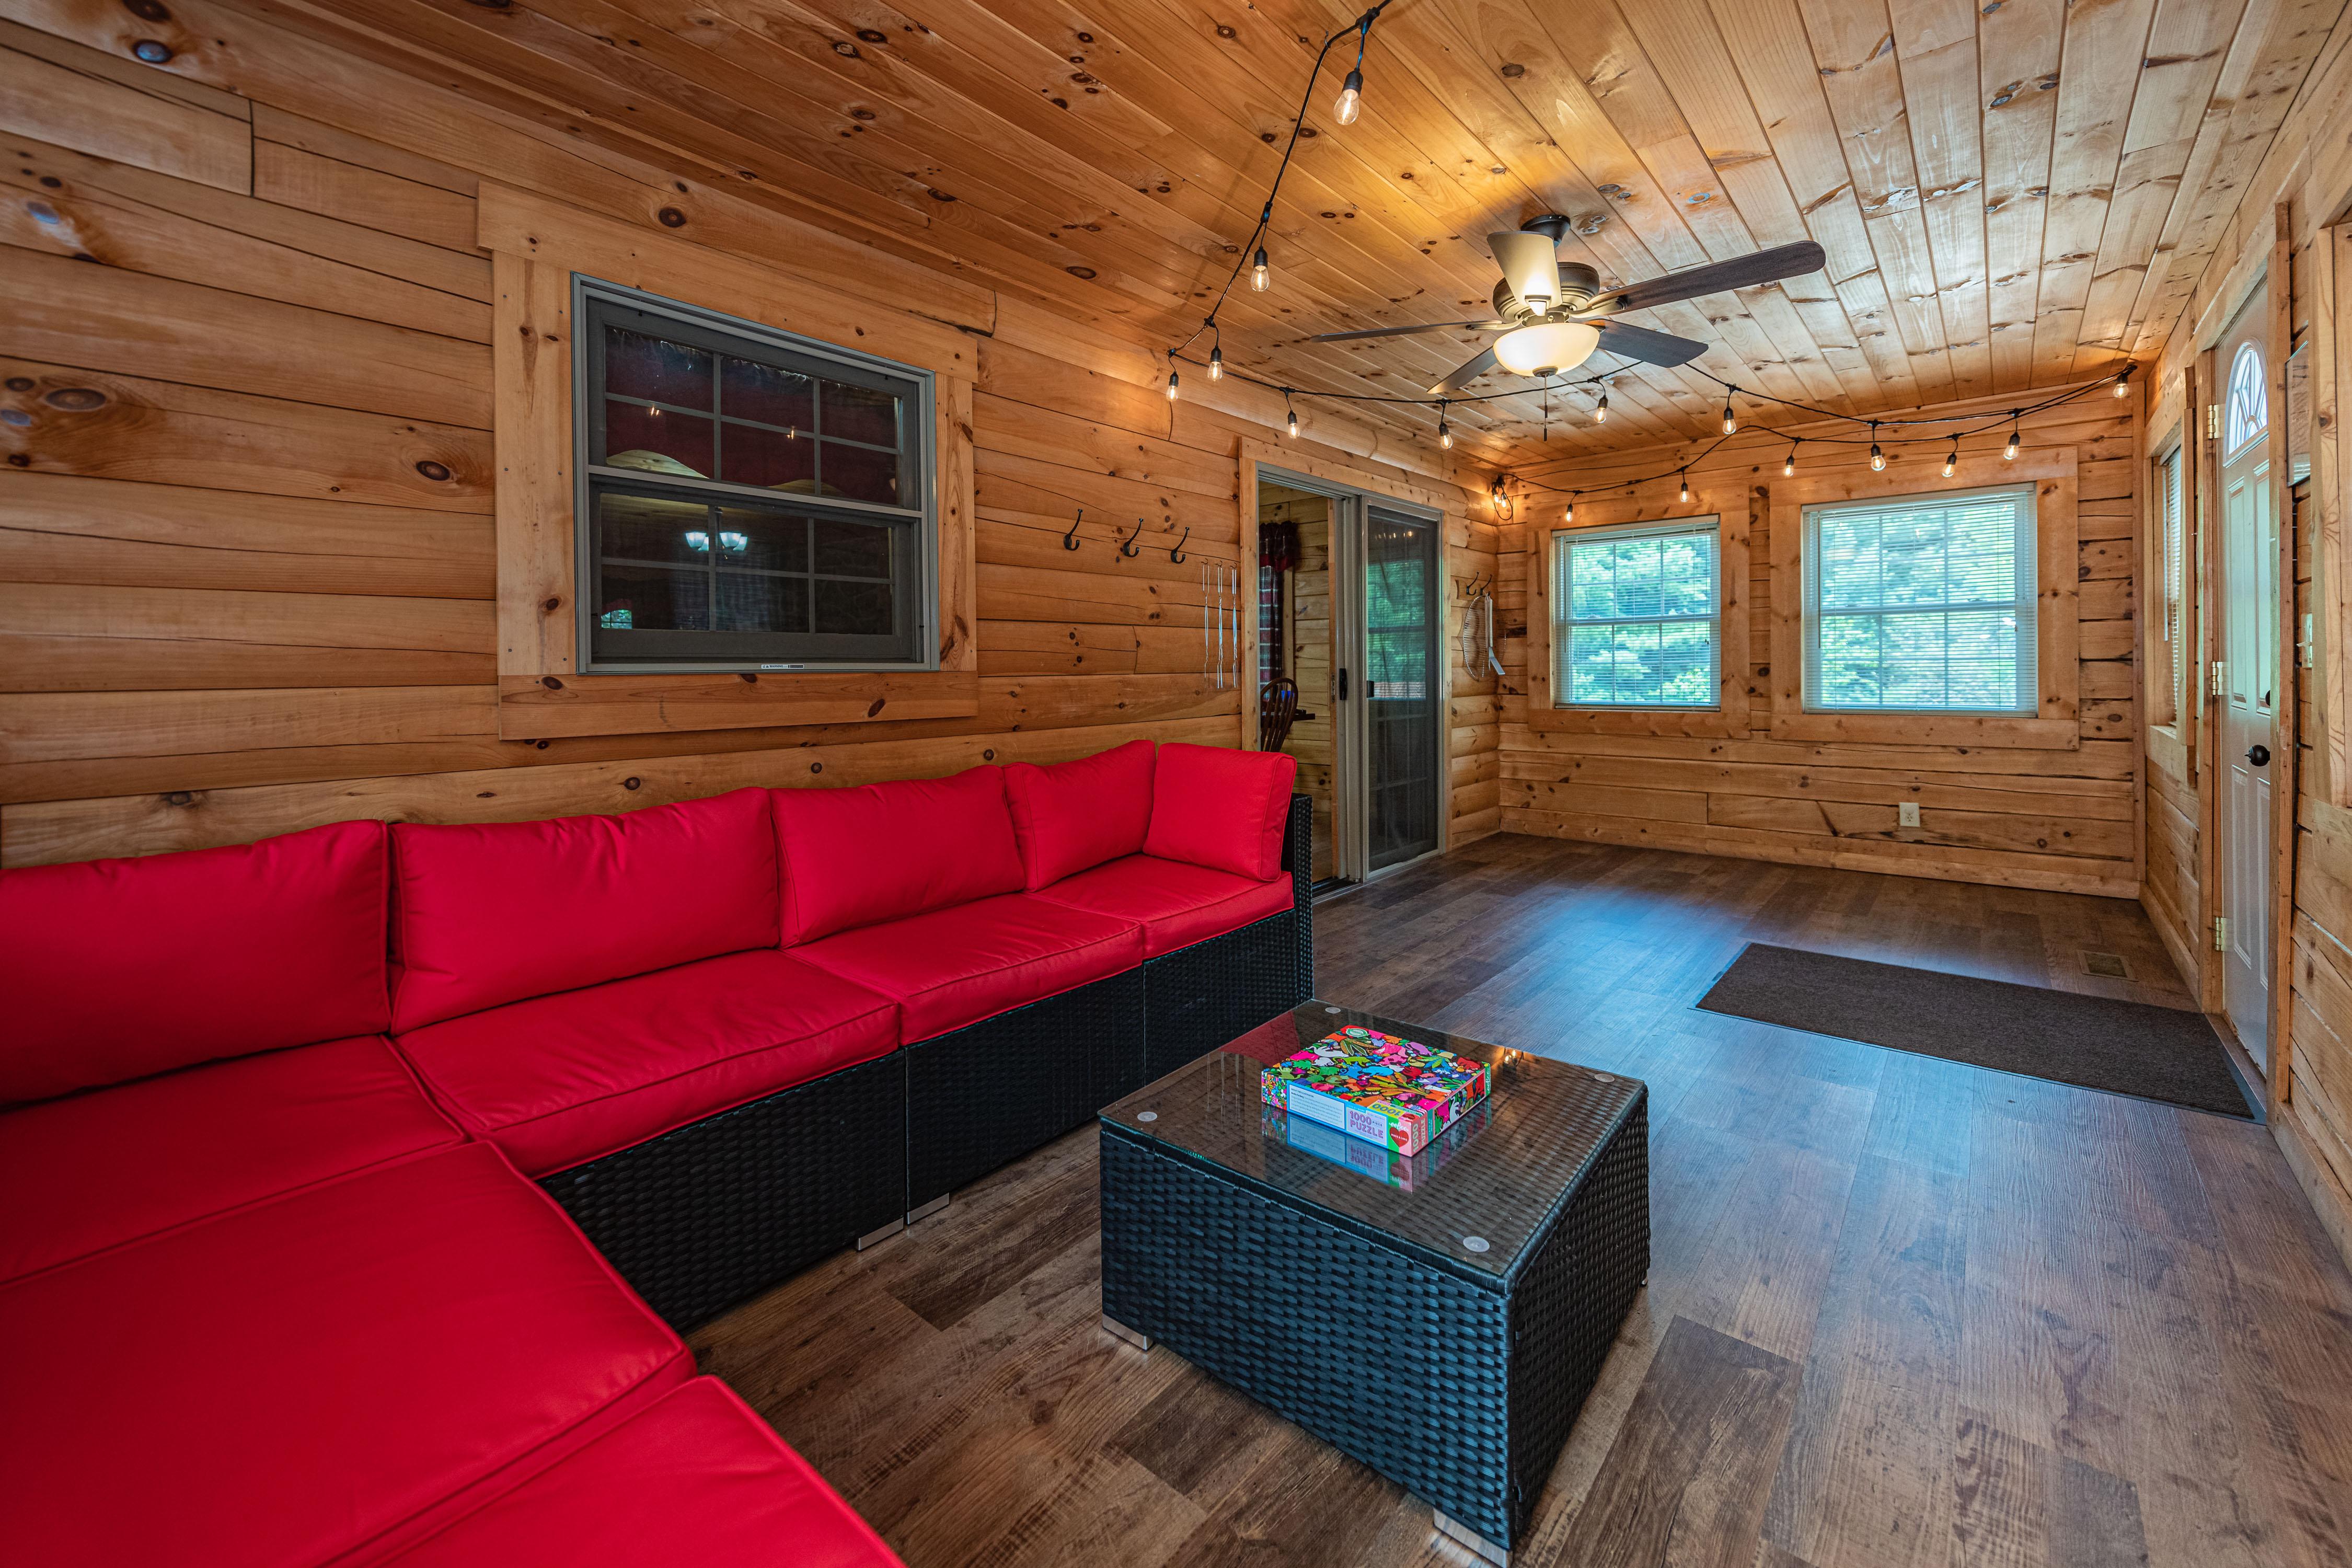 Photo 2006_11758.jpg - Sunrise Lodge 3 season room